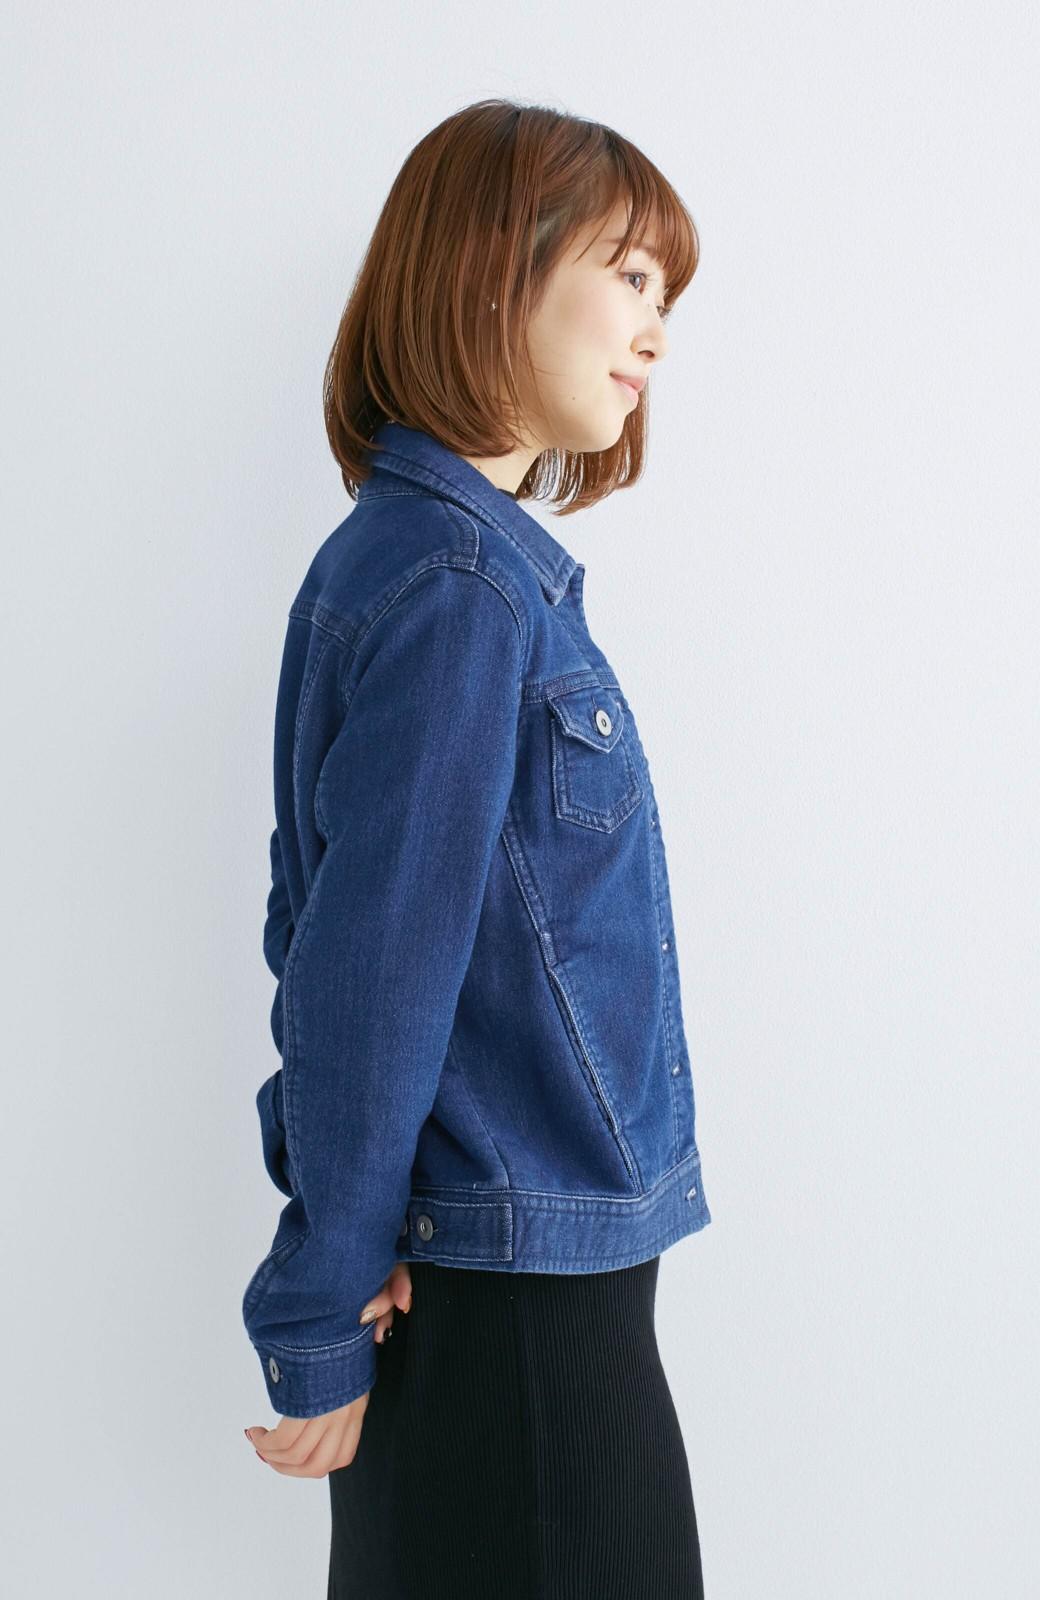 nusy 大人っぽくて動きやすいニットデニムジャケット <インディゴブルー>の商品写真11